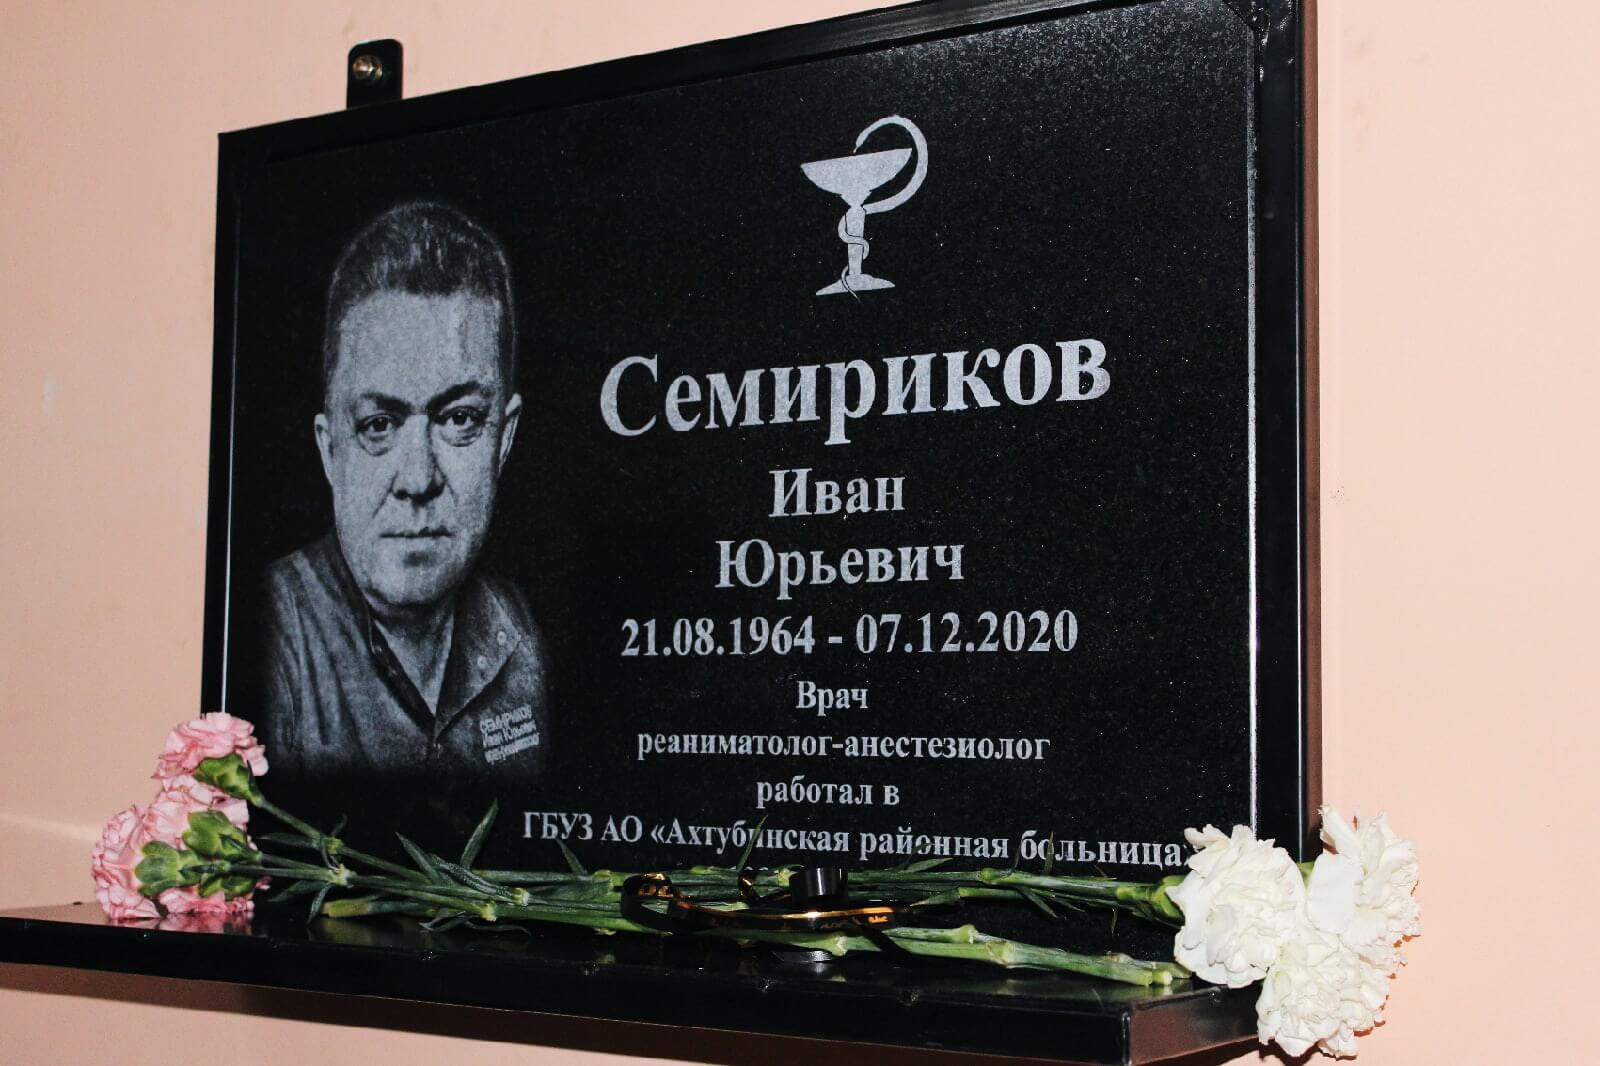 2021.04.12_doctor_semerikov_1